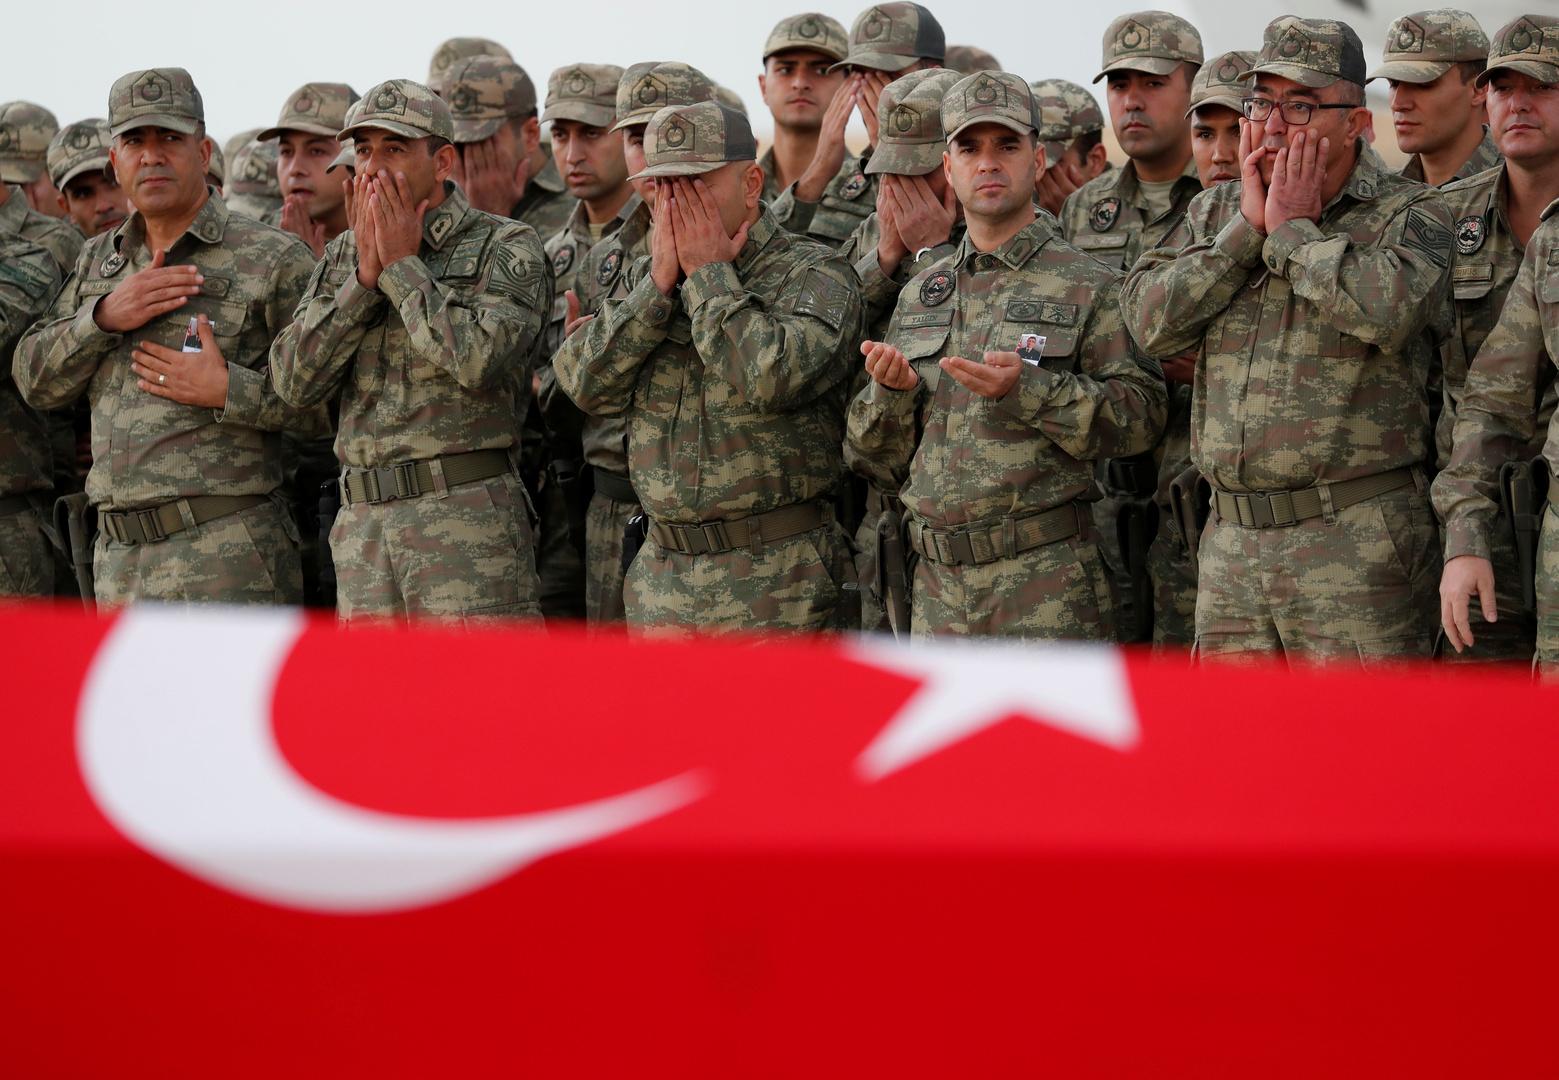 مستشار أردوغان: أسباب التعاون مع مصر أكثر من أسباب الحرب والعداء